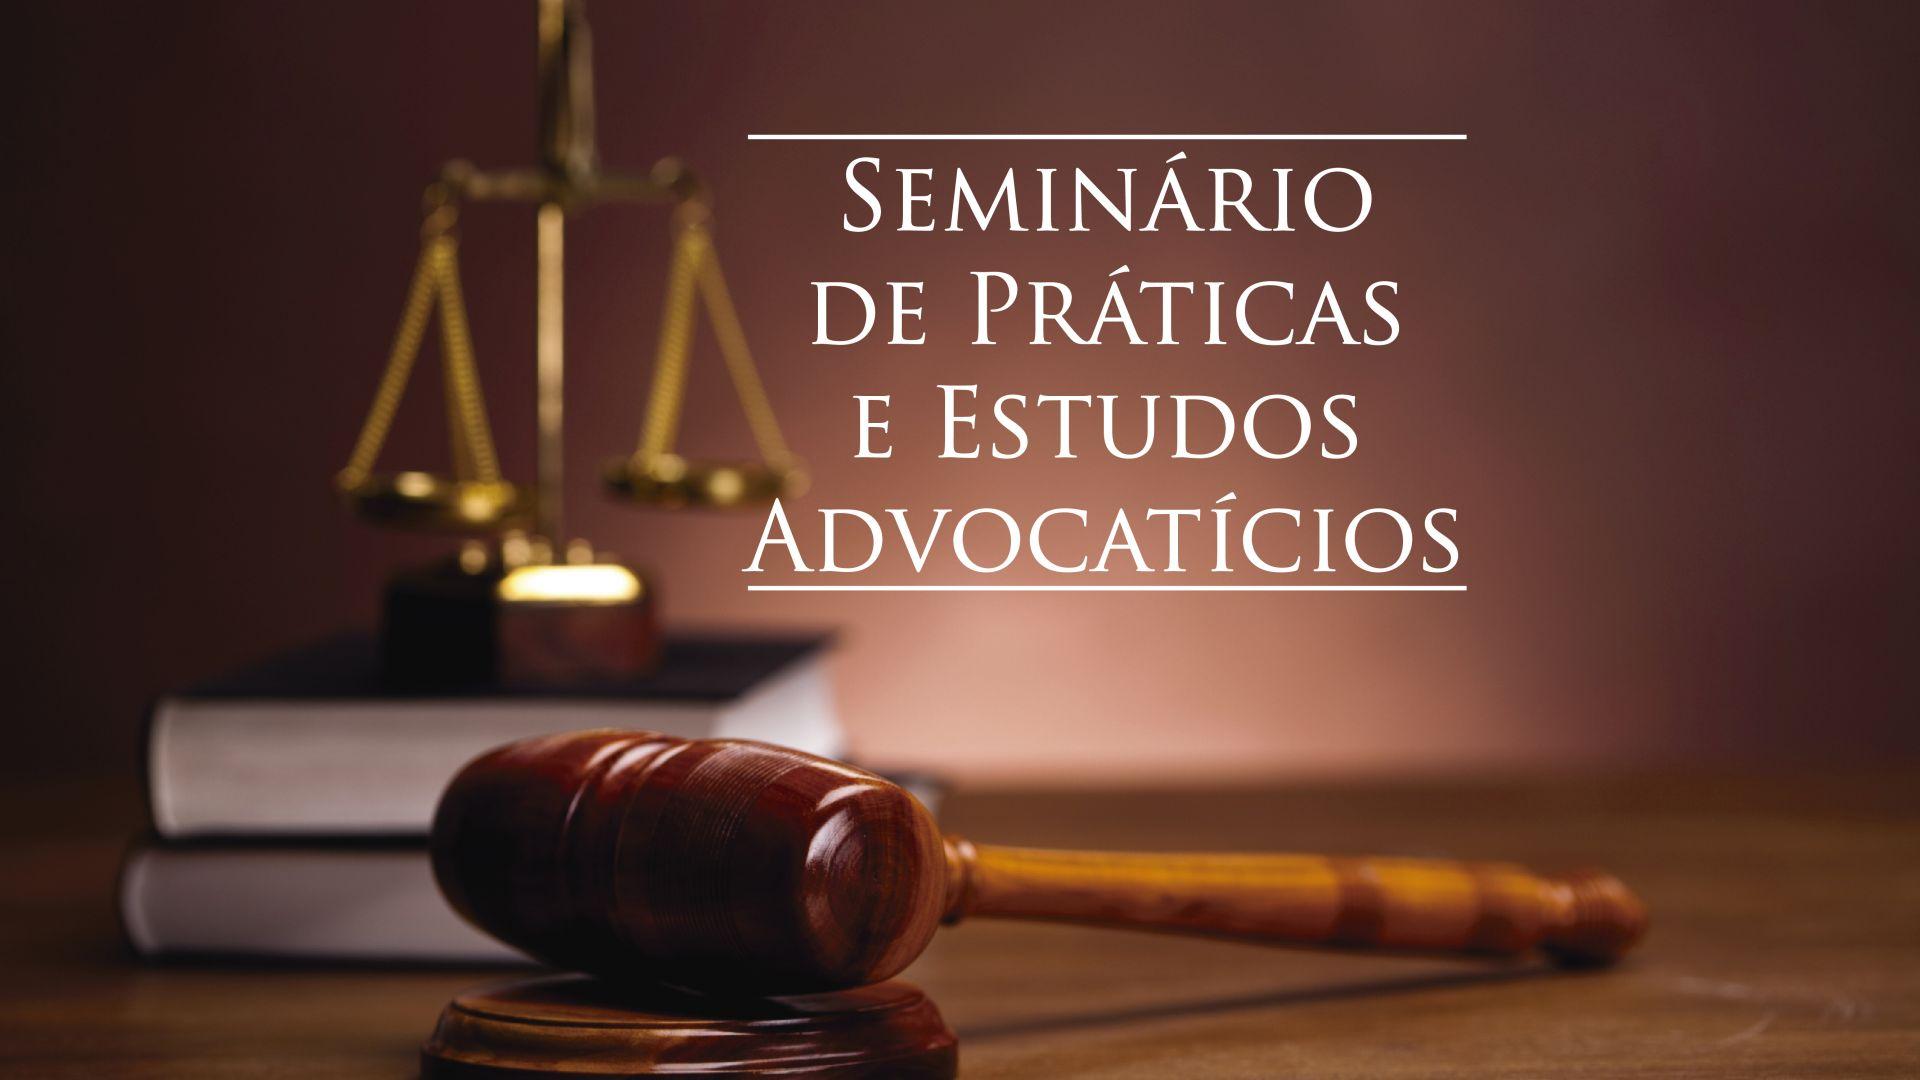 Núcleo de Prática Jurídica apresenta 1º Seminário de Práticas e Estudos Advocatícios